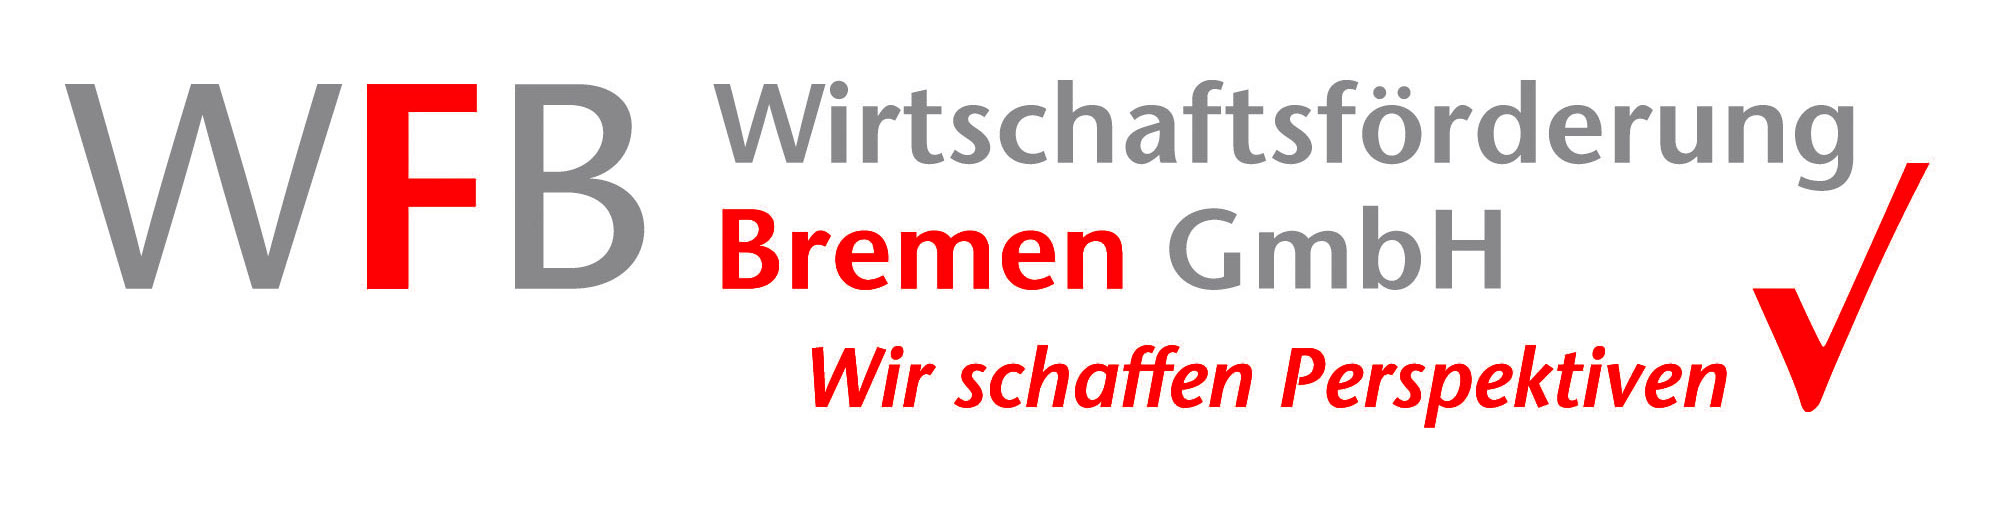 Wirtschaftsfoerderung Bremen GmbH